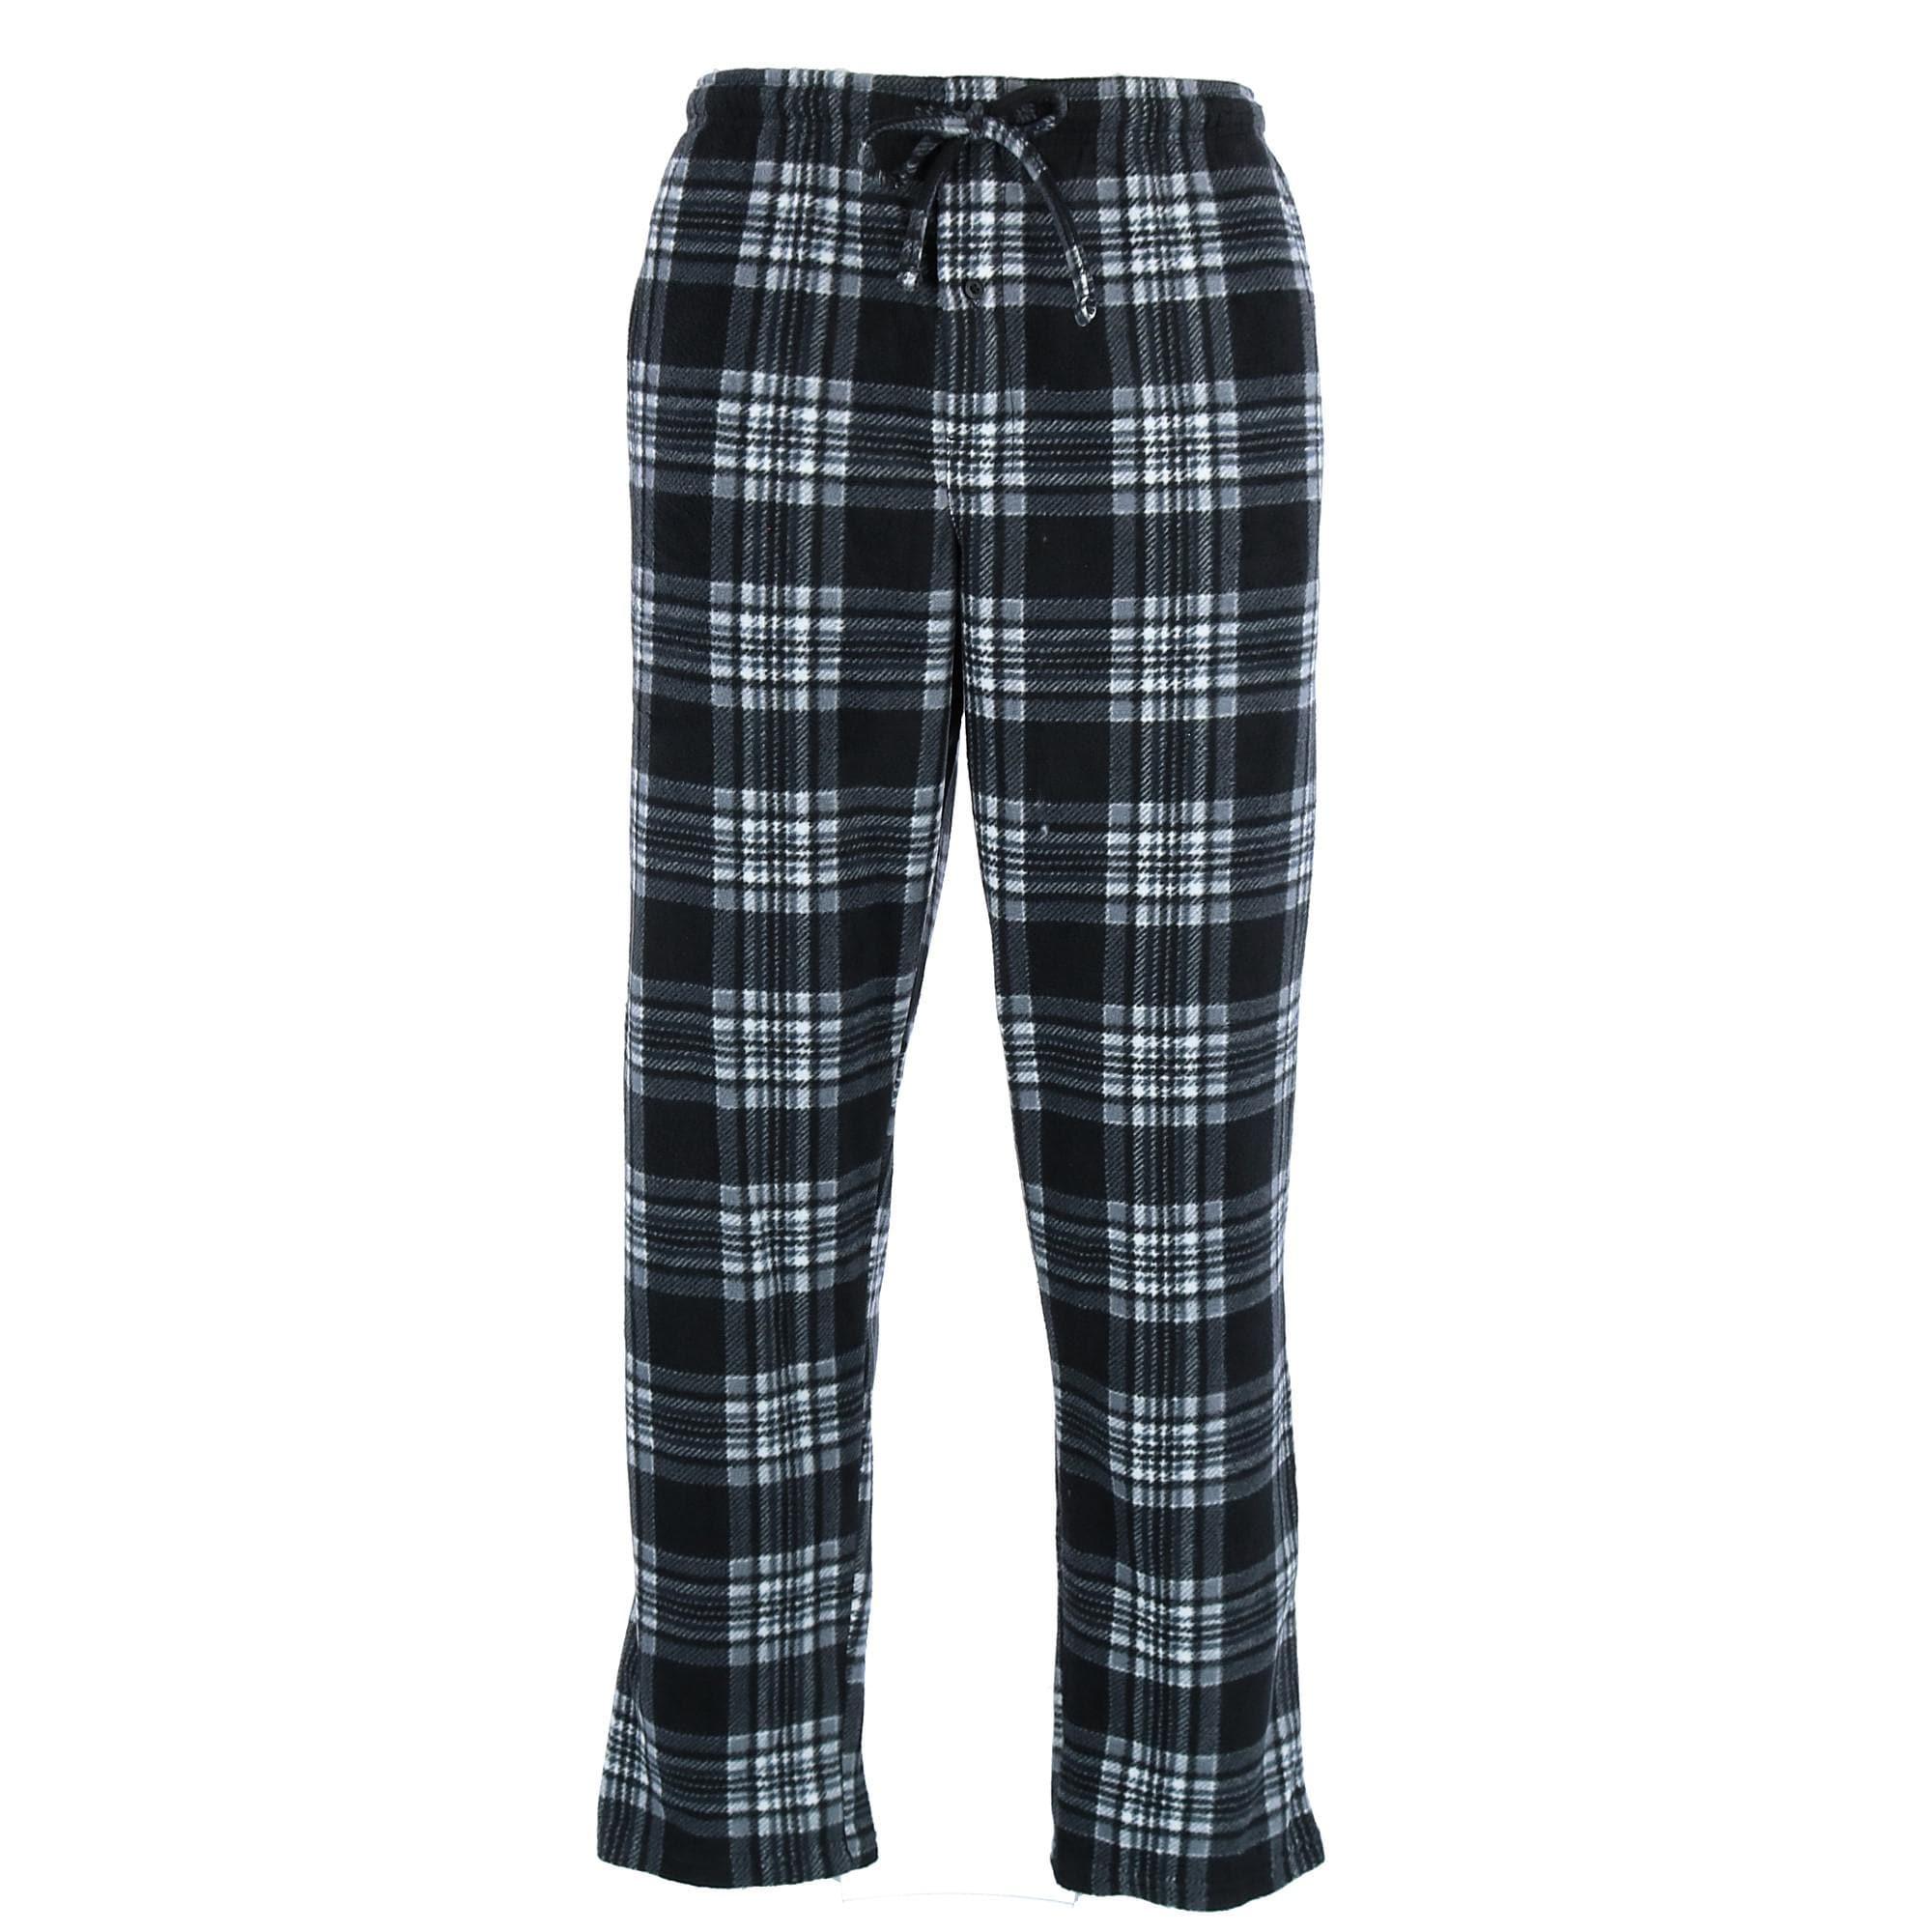 New Hanes Men/'s Fleece Pajama Pants